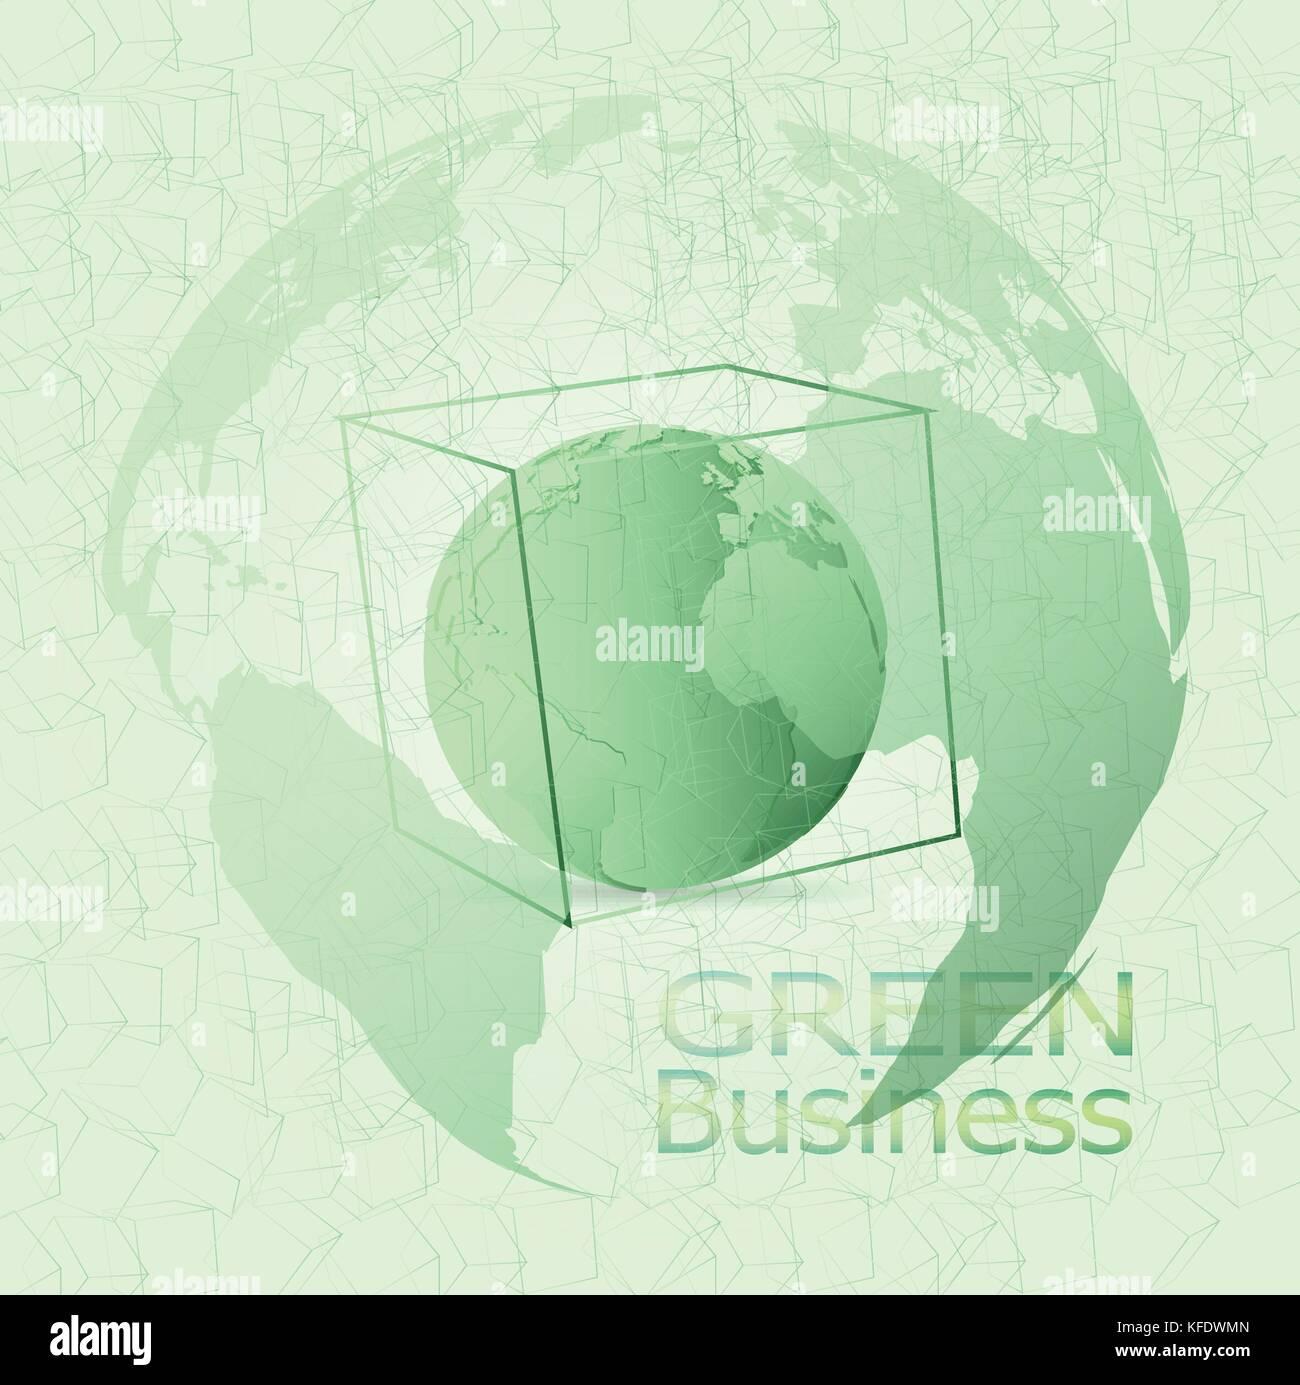 Green Business vettore di fondo. Esso può essere applicato per tipi di presentazione multimediale come lo sfondo,sfondo,immagine,poster,stampa Immagini Stock